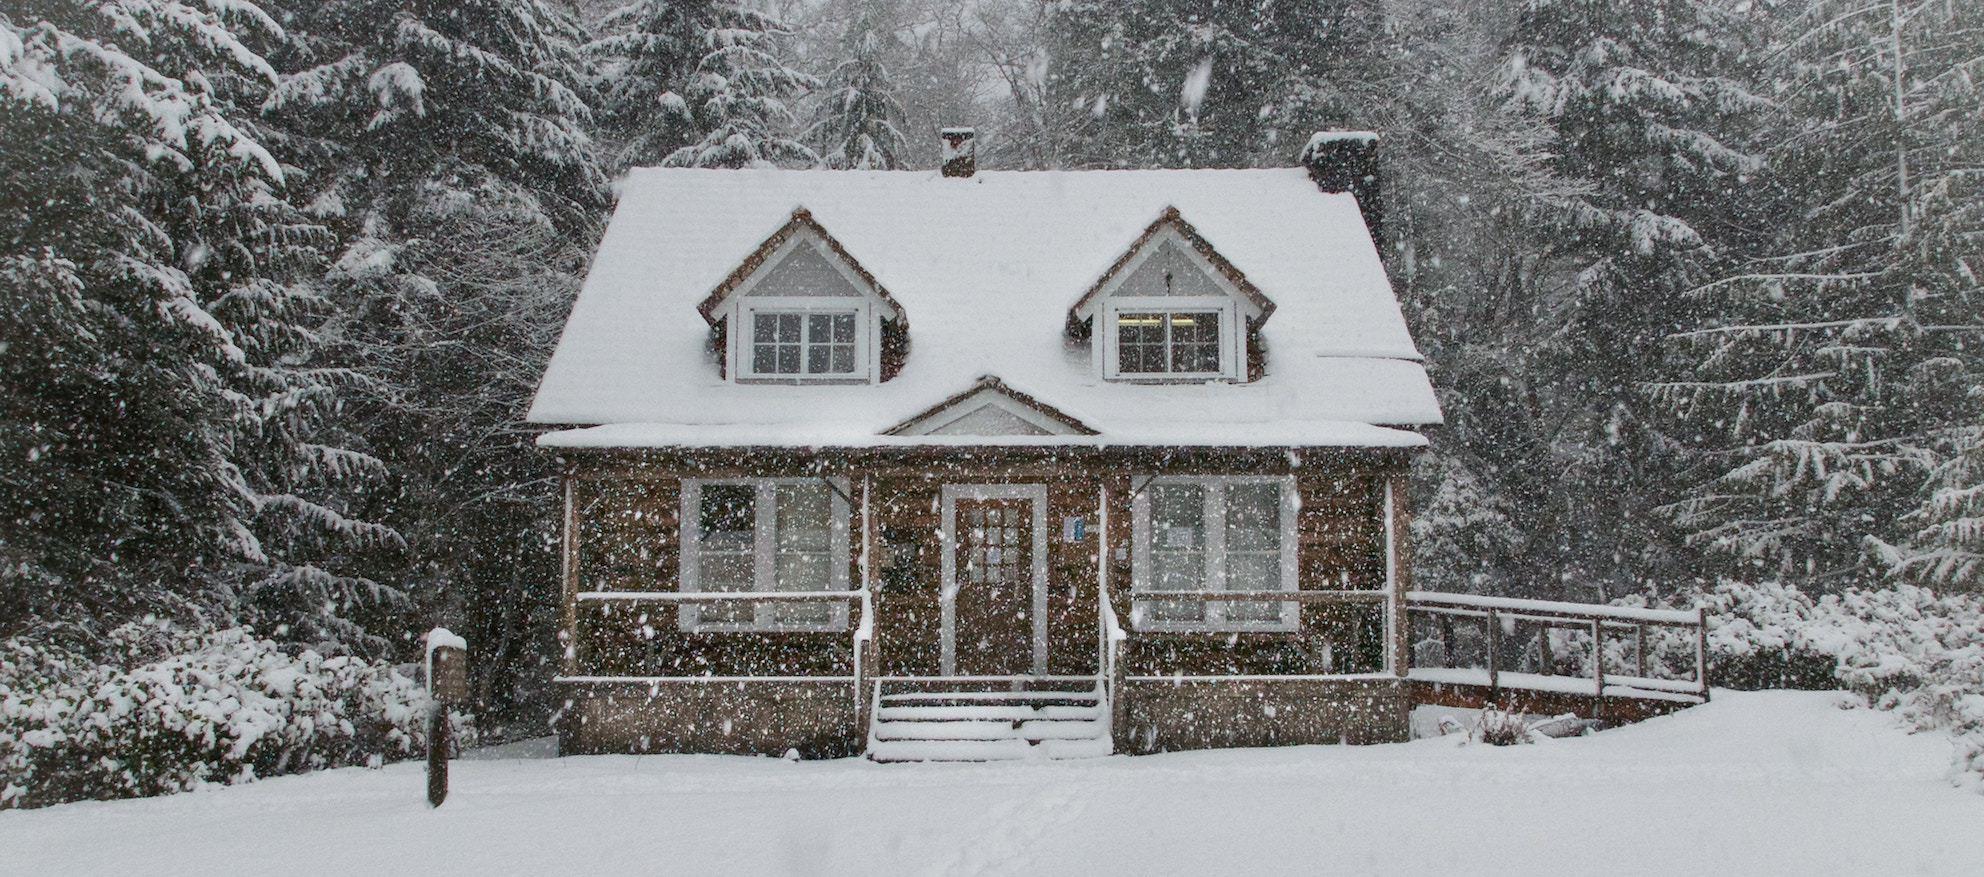 offseason homebuying